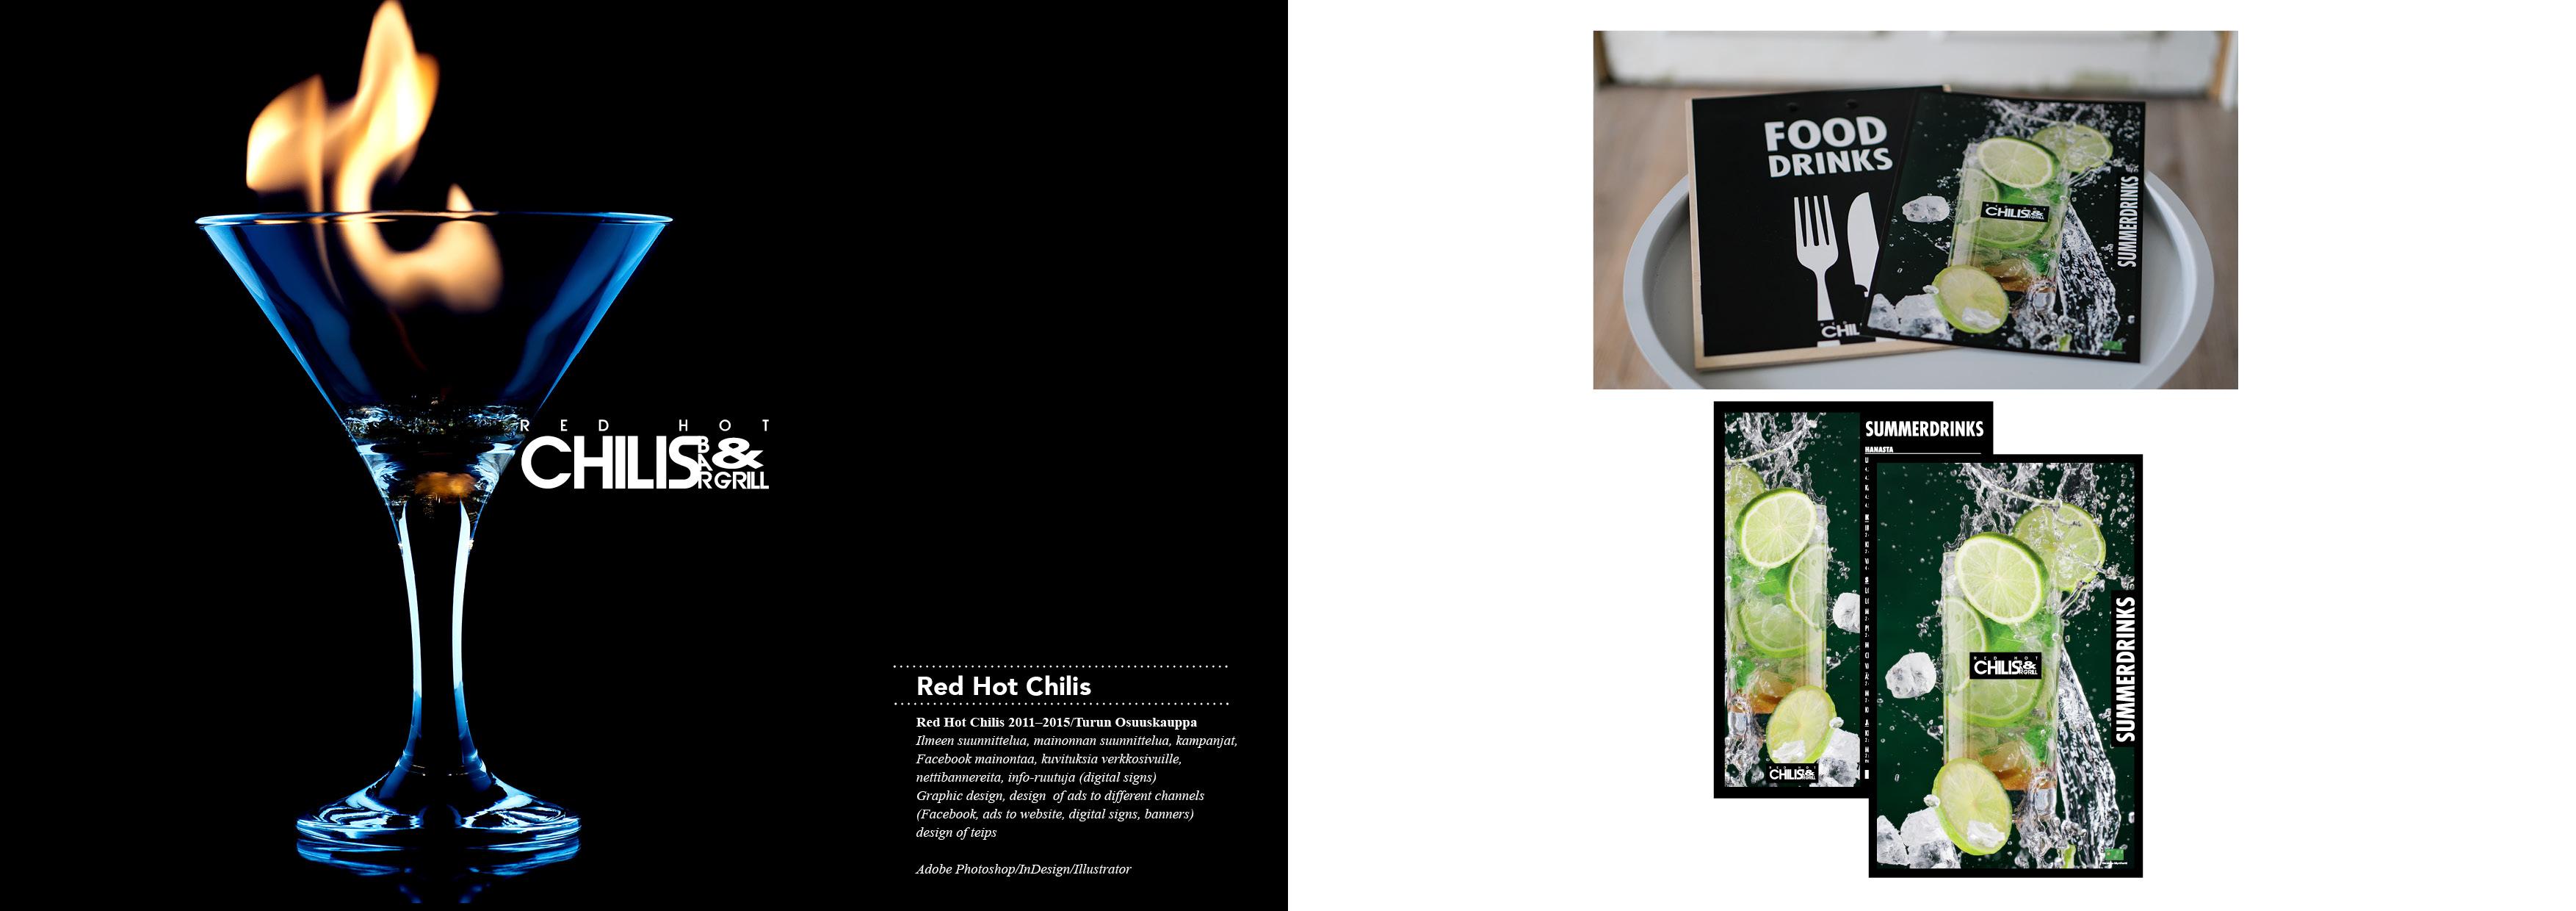 Red Hot Chilis/Turun Osuuskauppa